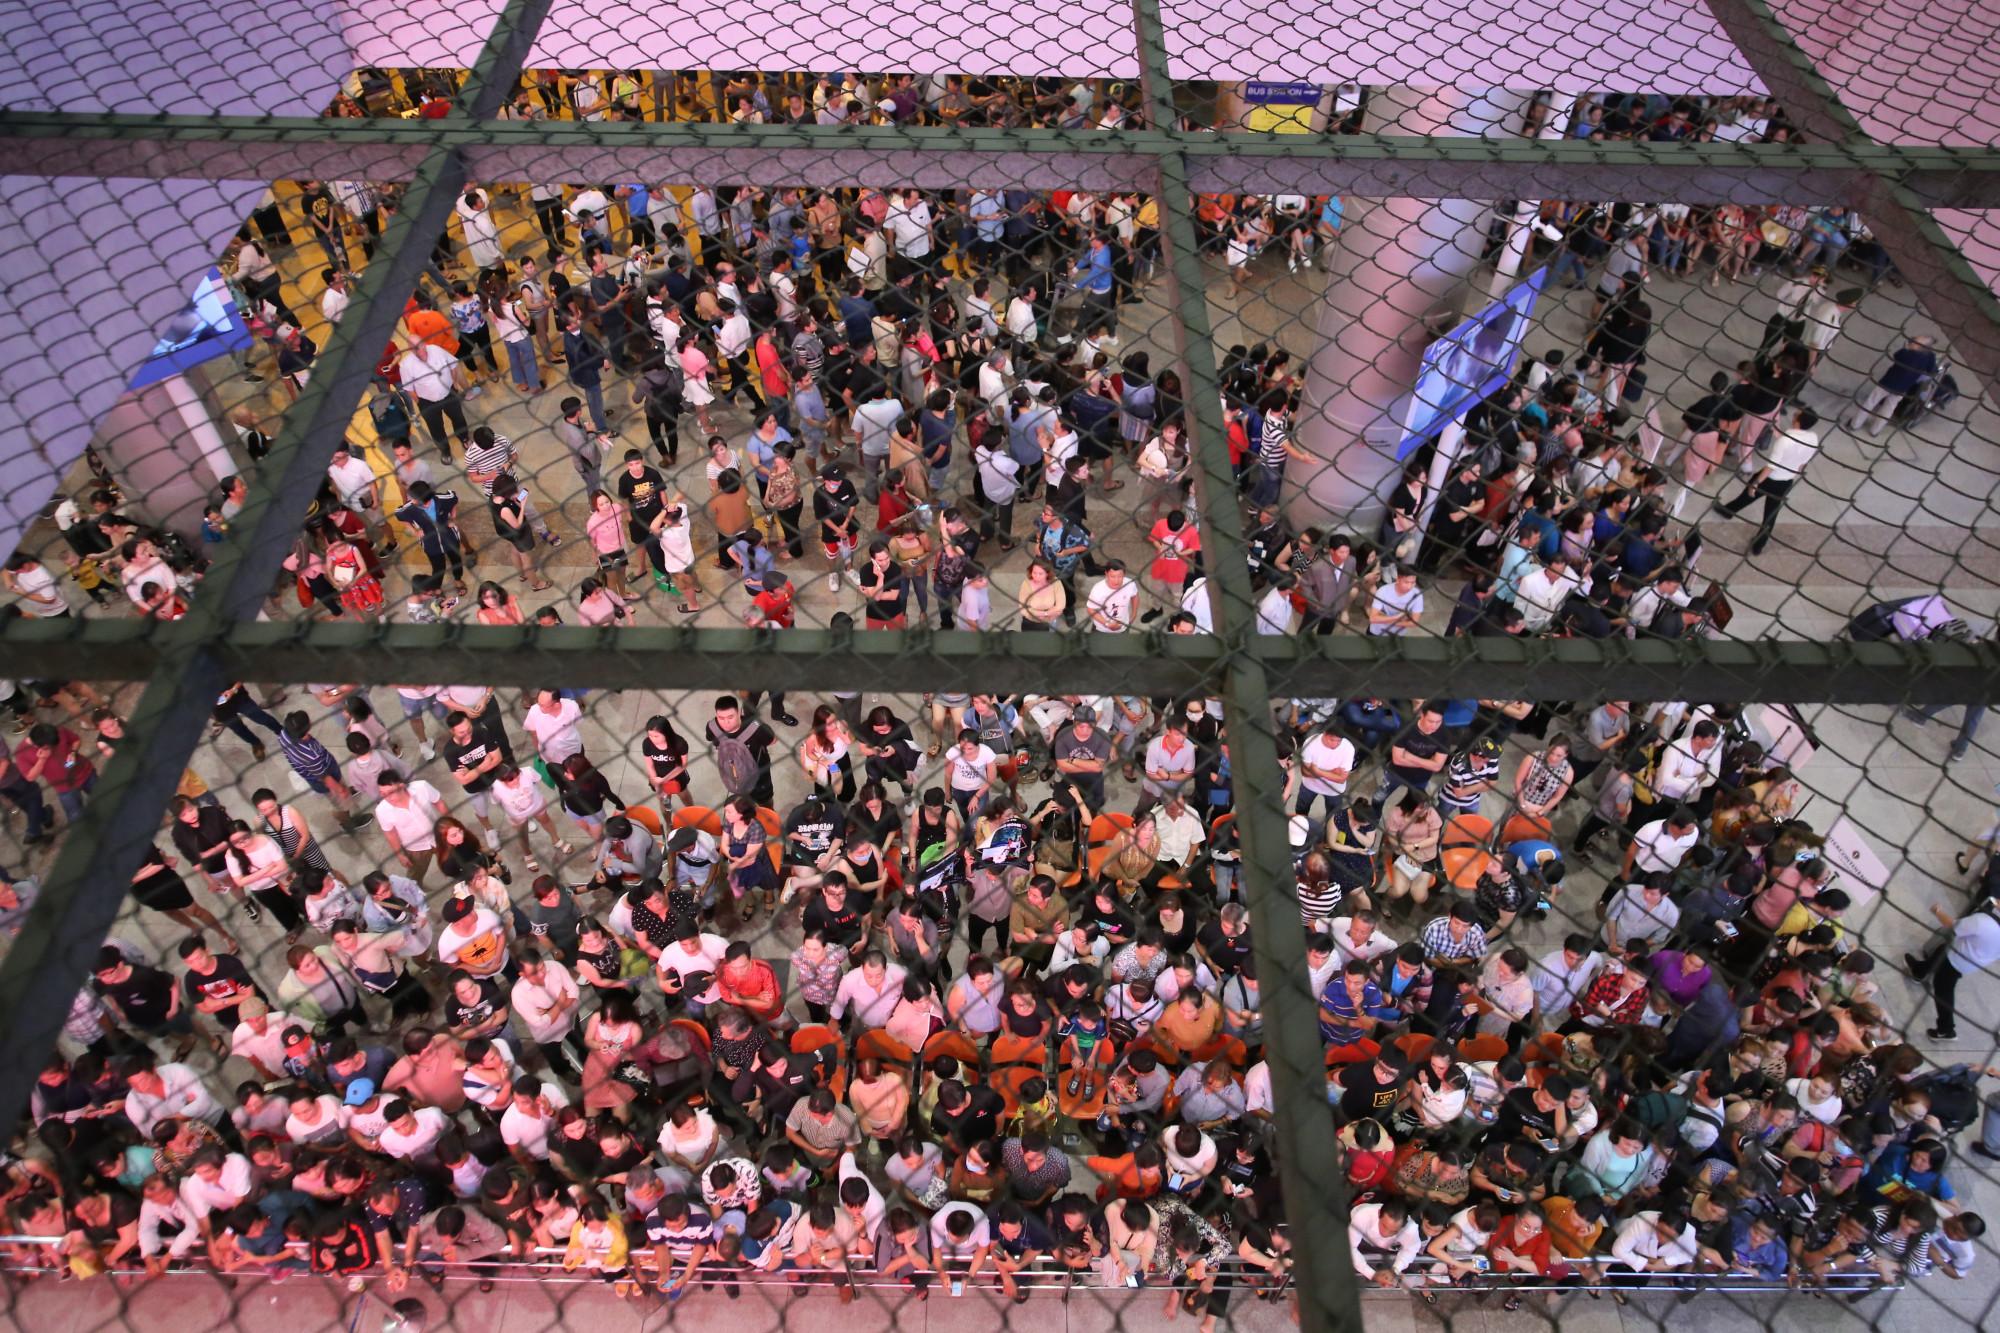 Đến hẹn lại lên, những ngày cận Tết thì nhà ga quốc tế Tân Sơn Nhất nhộn nhịp cảnh người dân đến đón Việt Kiều